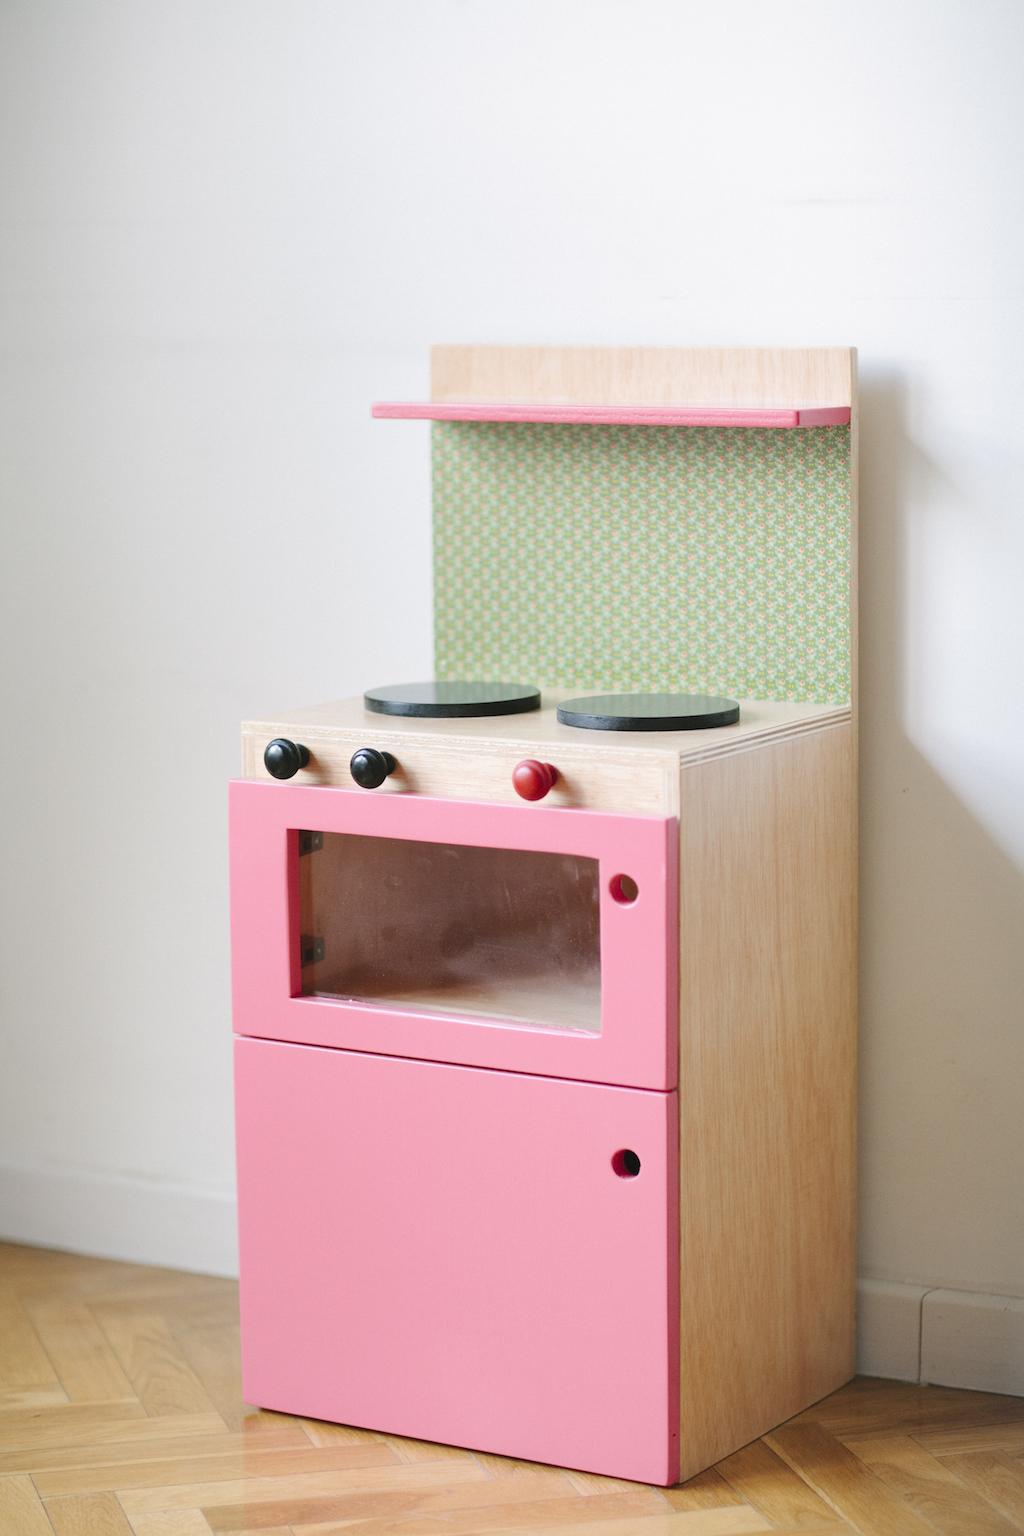 Cocina de madera juguete interesting los nios de madera for Cocina de madera juguete